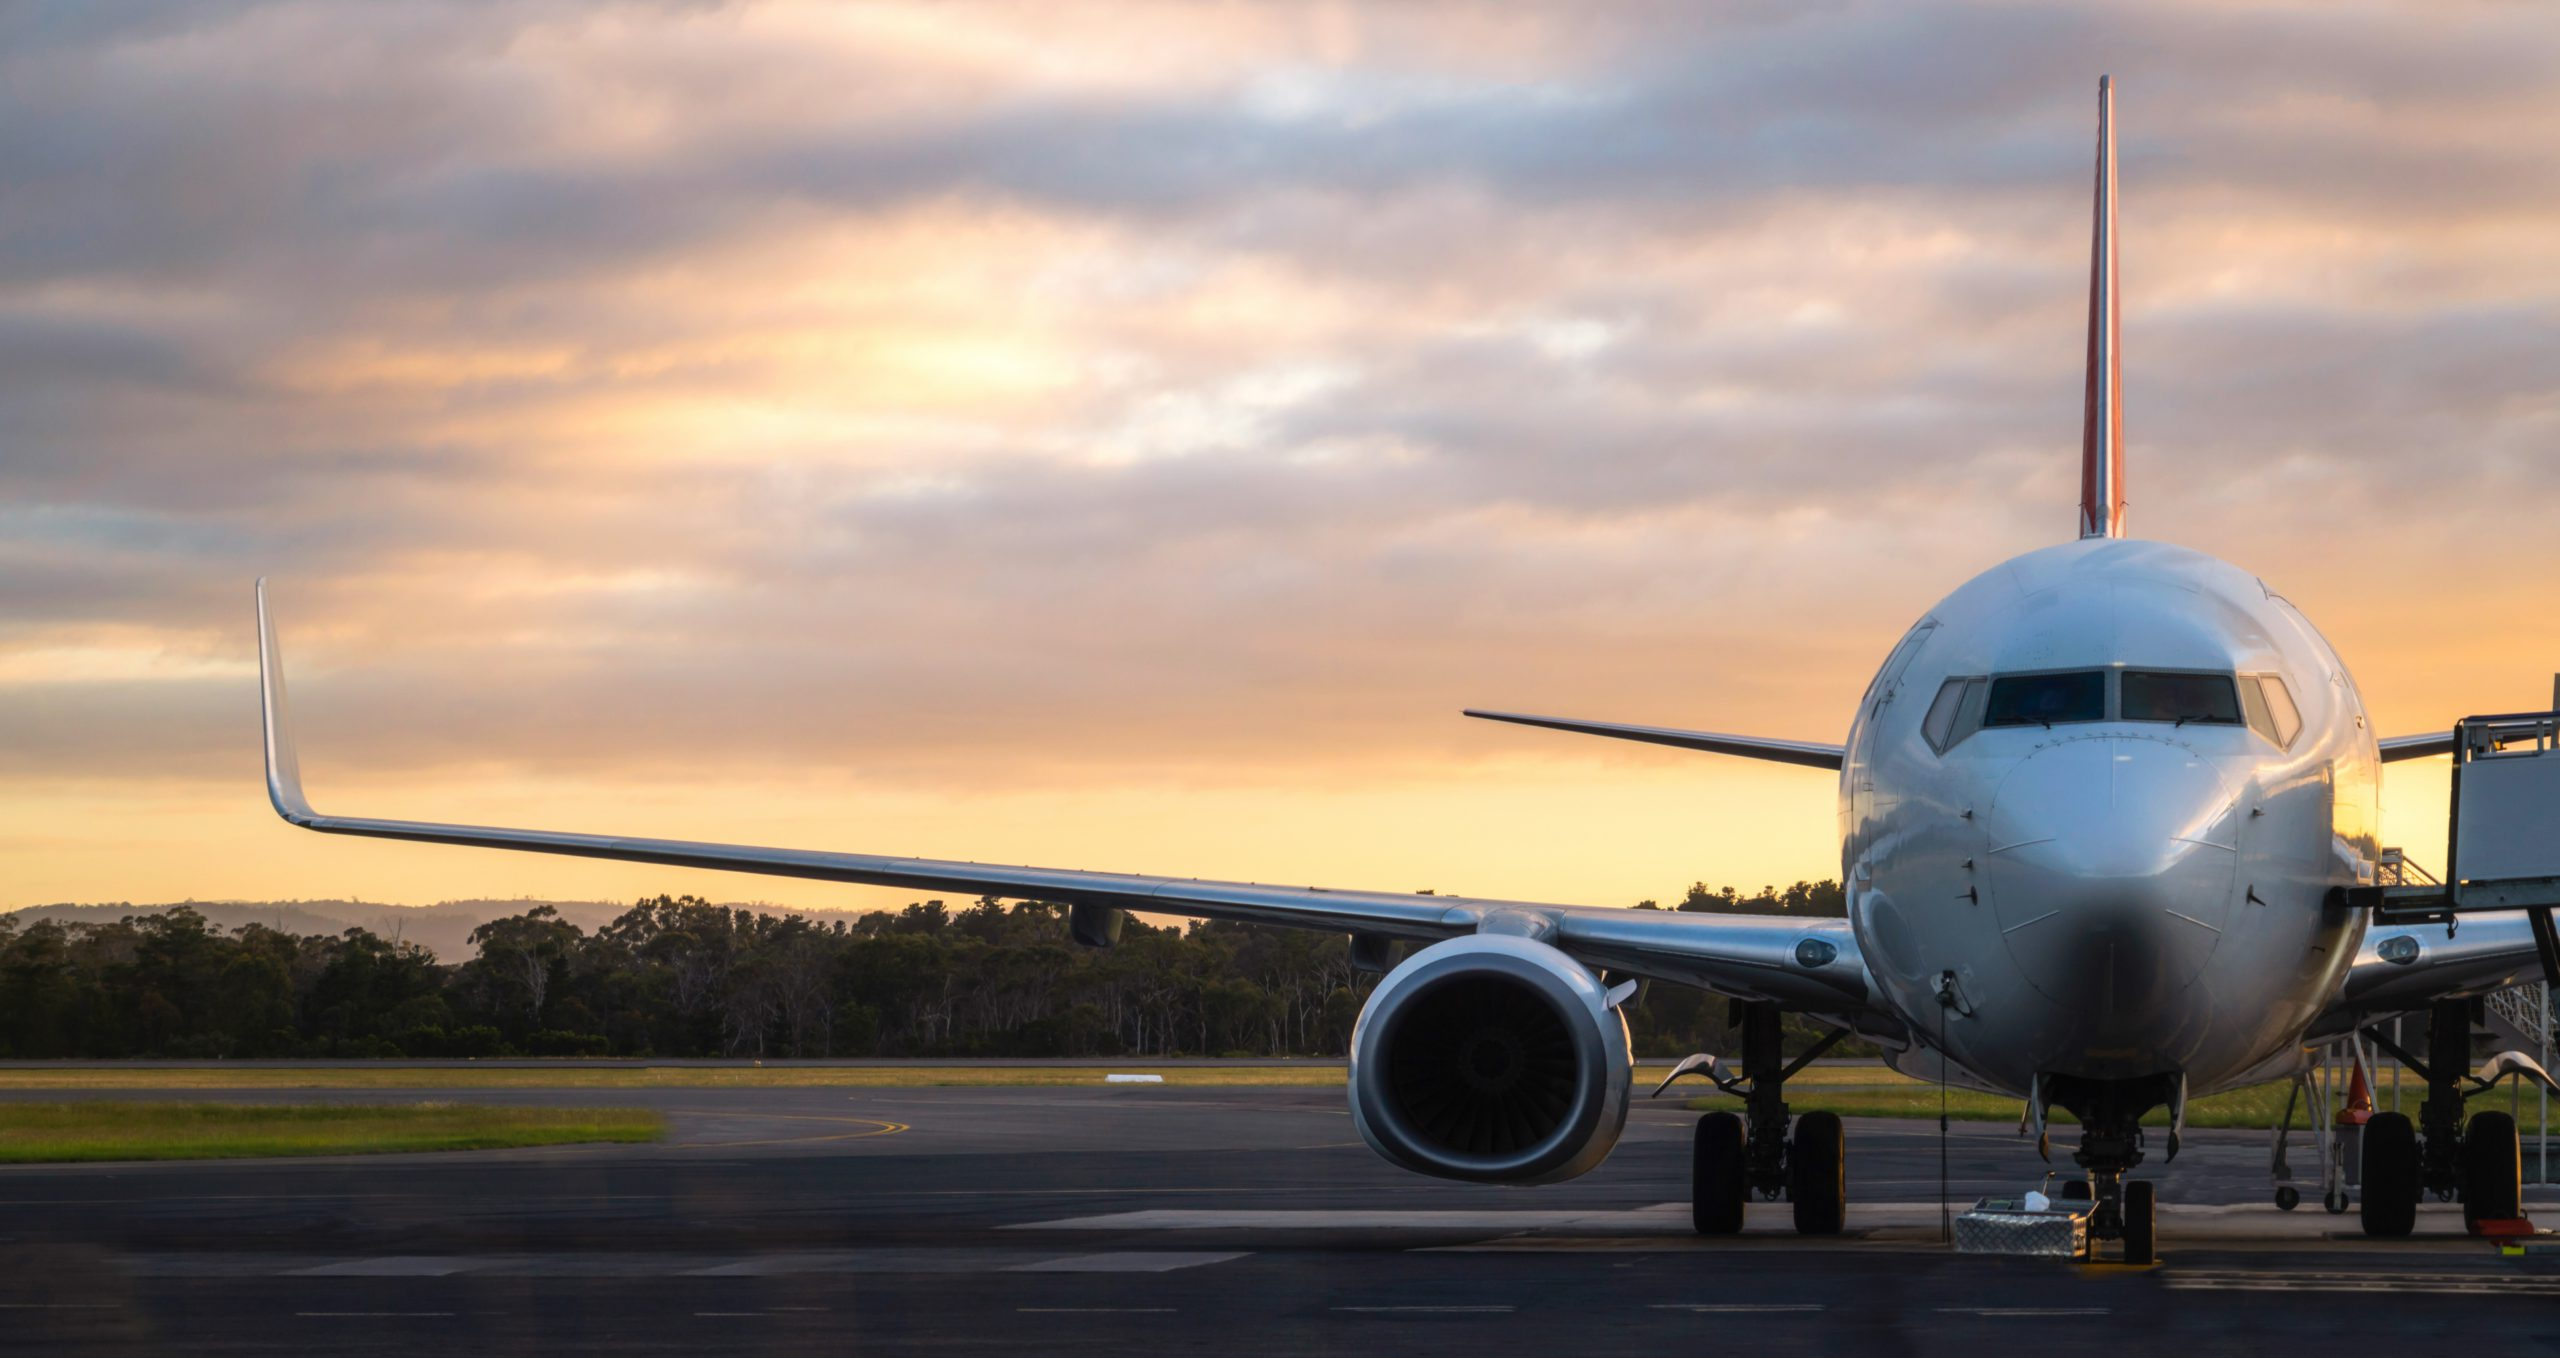 Quanto custa cancelar um voo? Saiba aqui